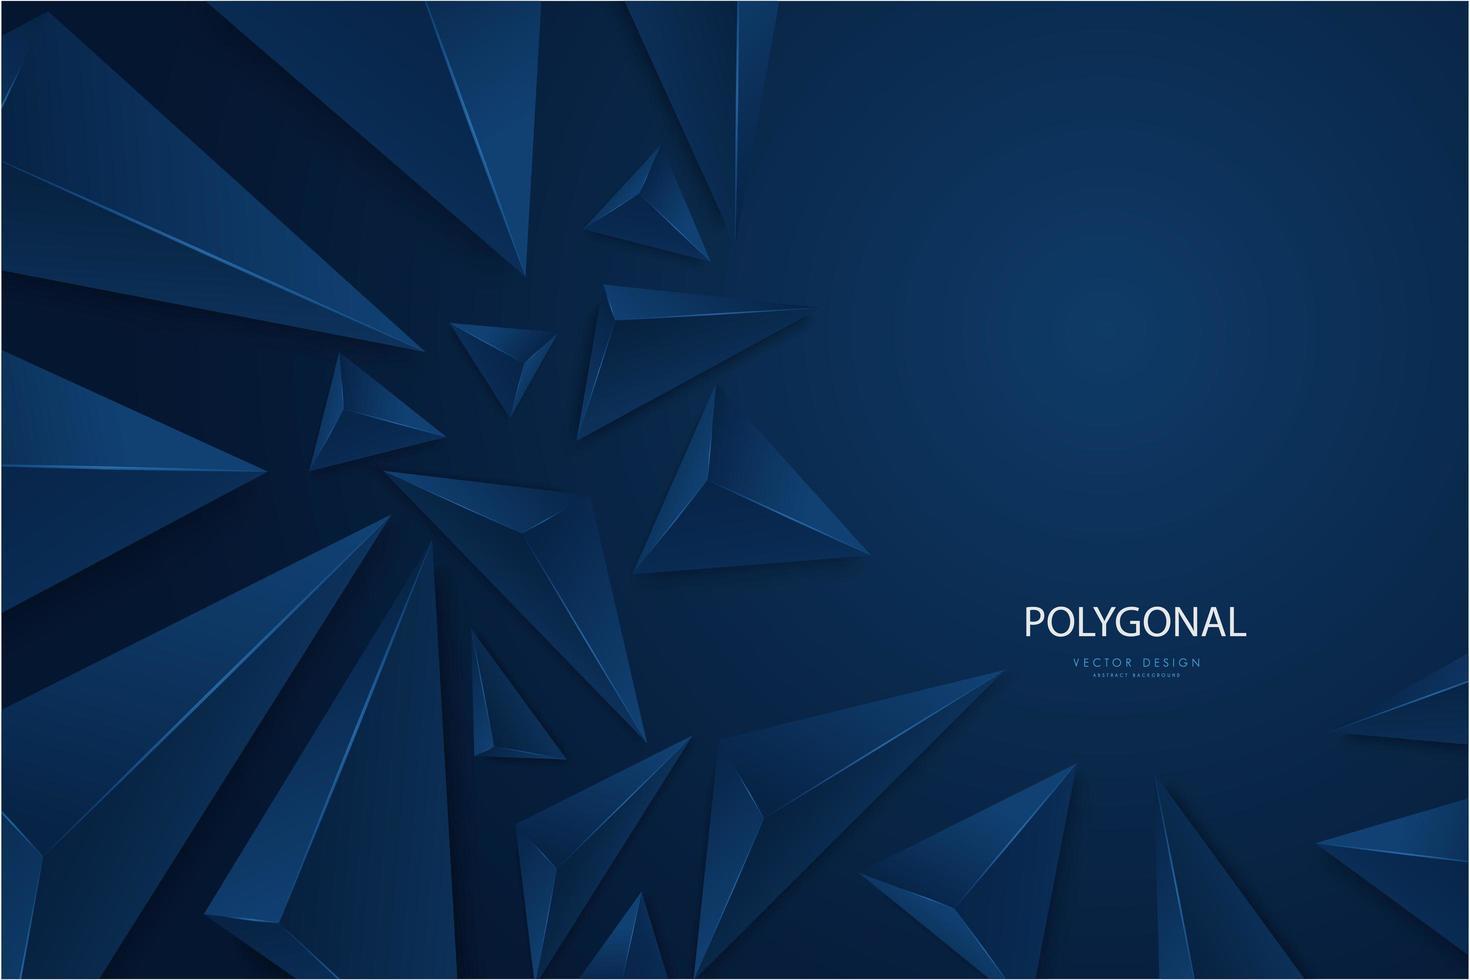 modernes Design des dunkelblauen metallischen 3d Dreiecks. vektor